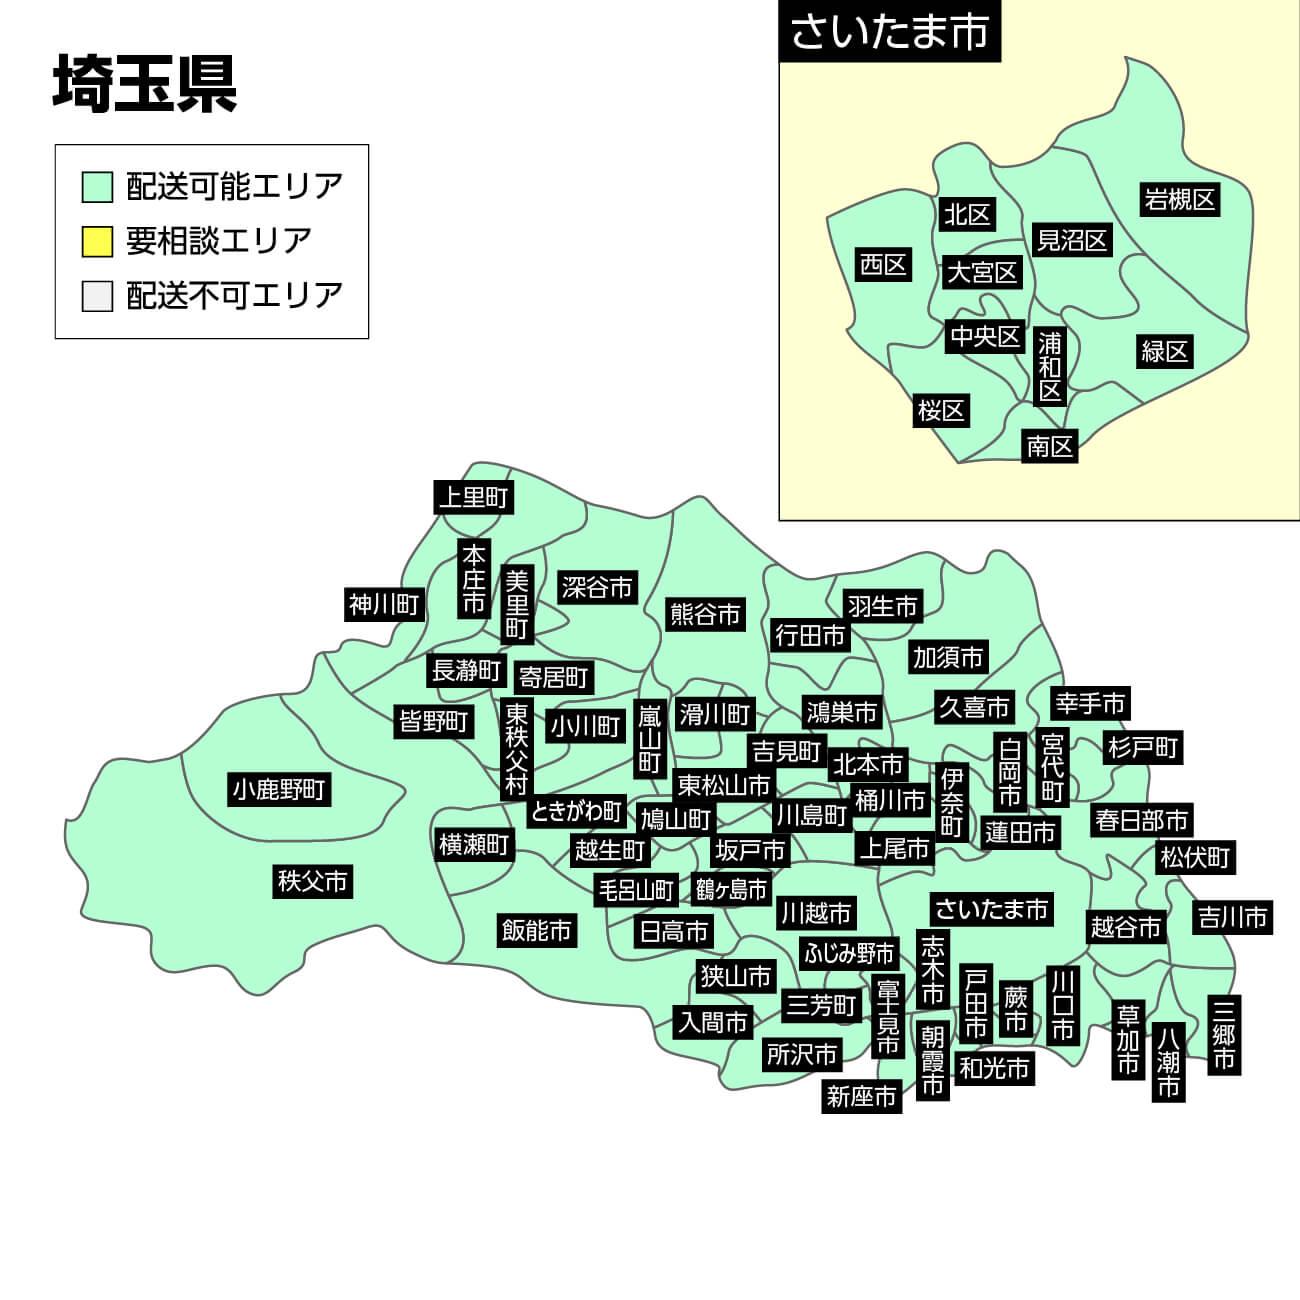 埼玉県集荷可能エリア